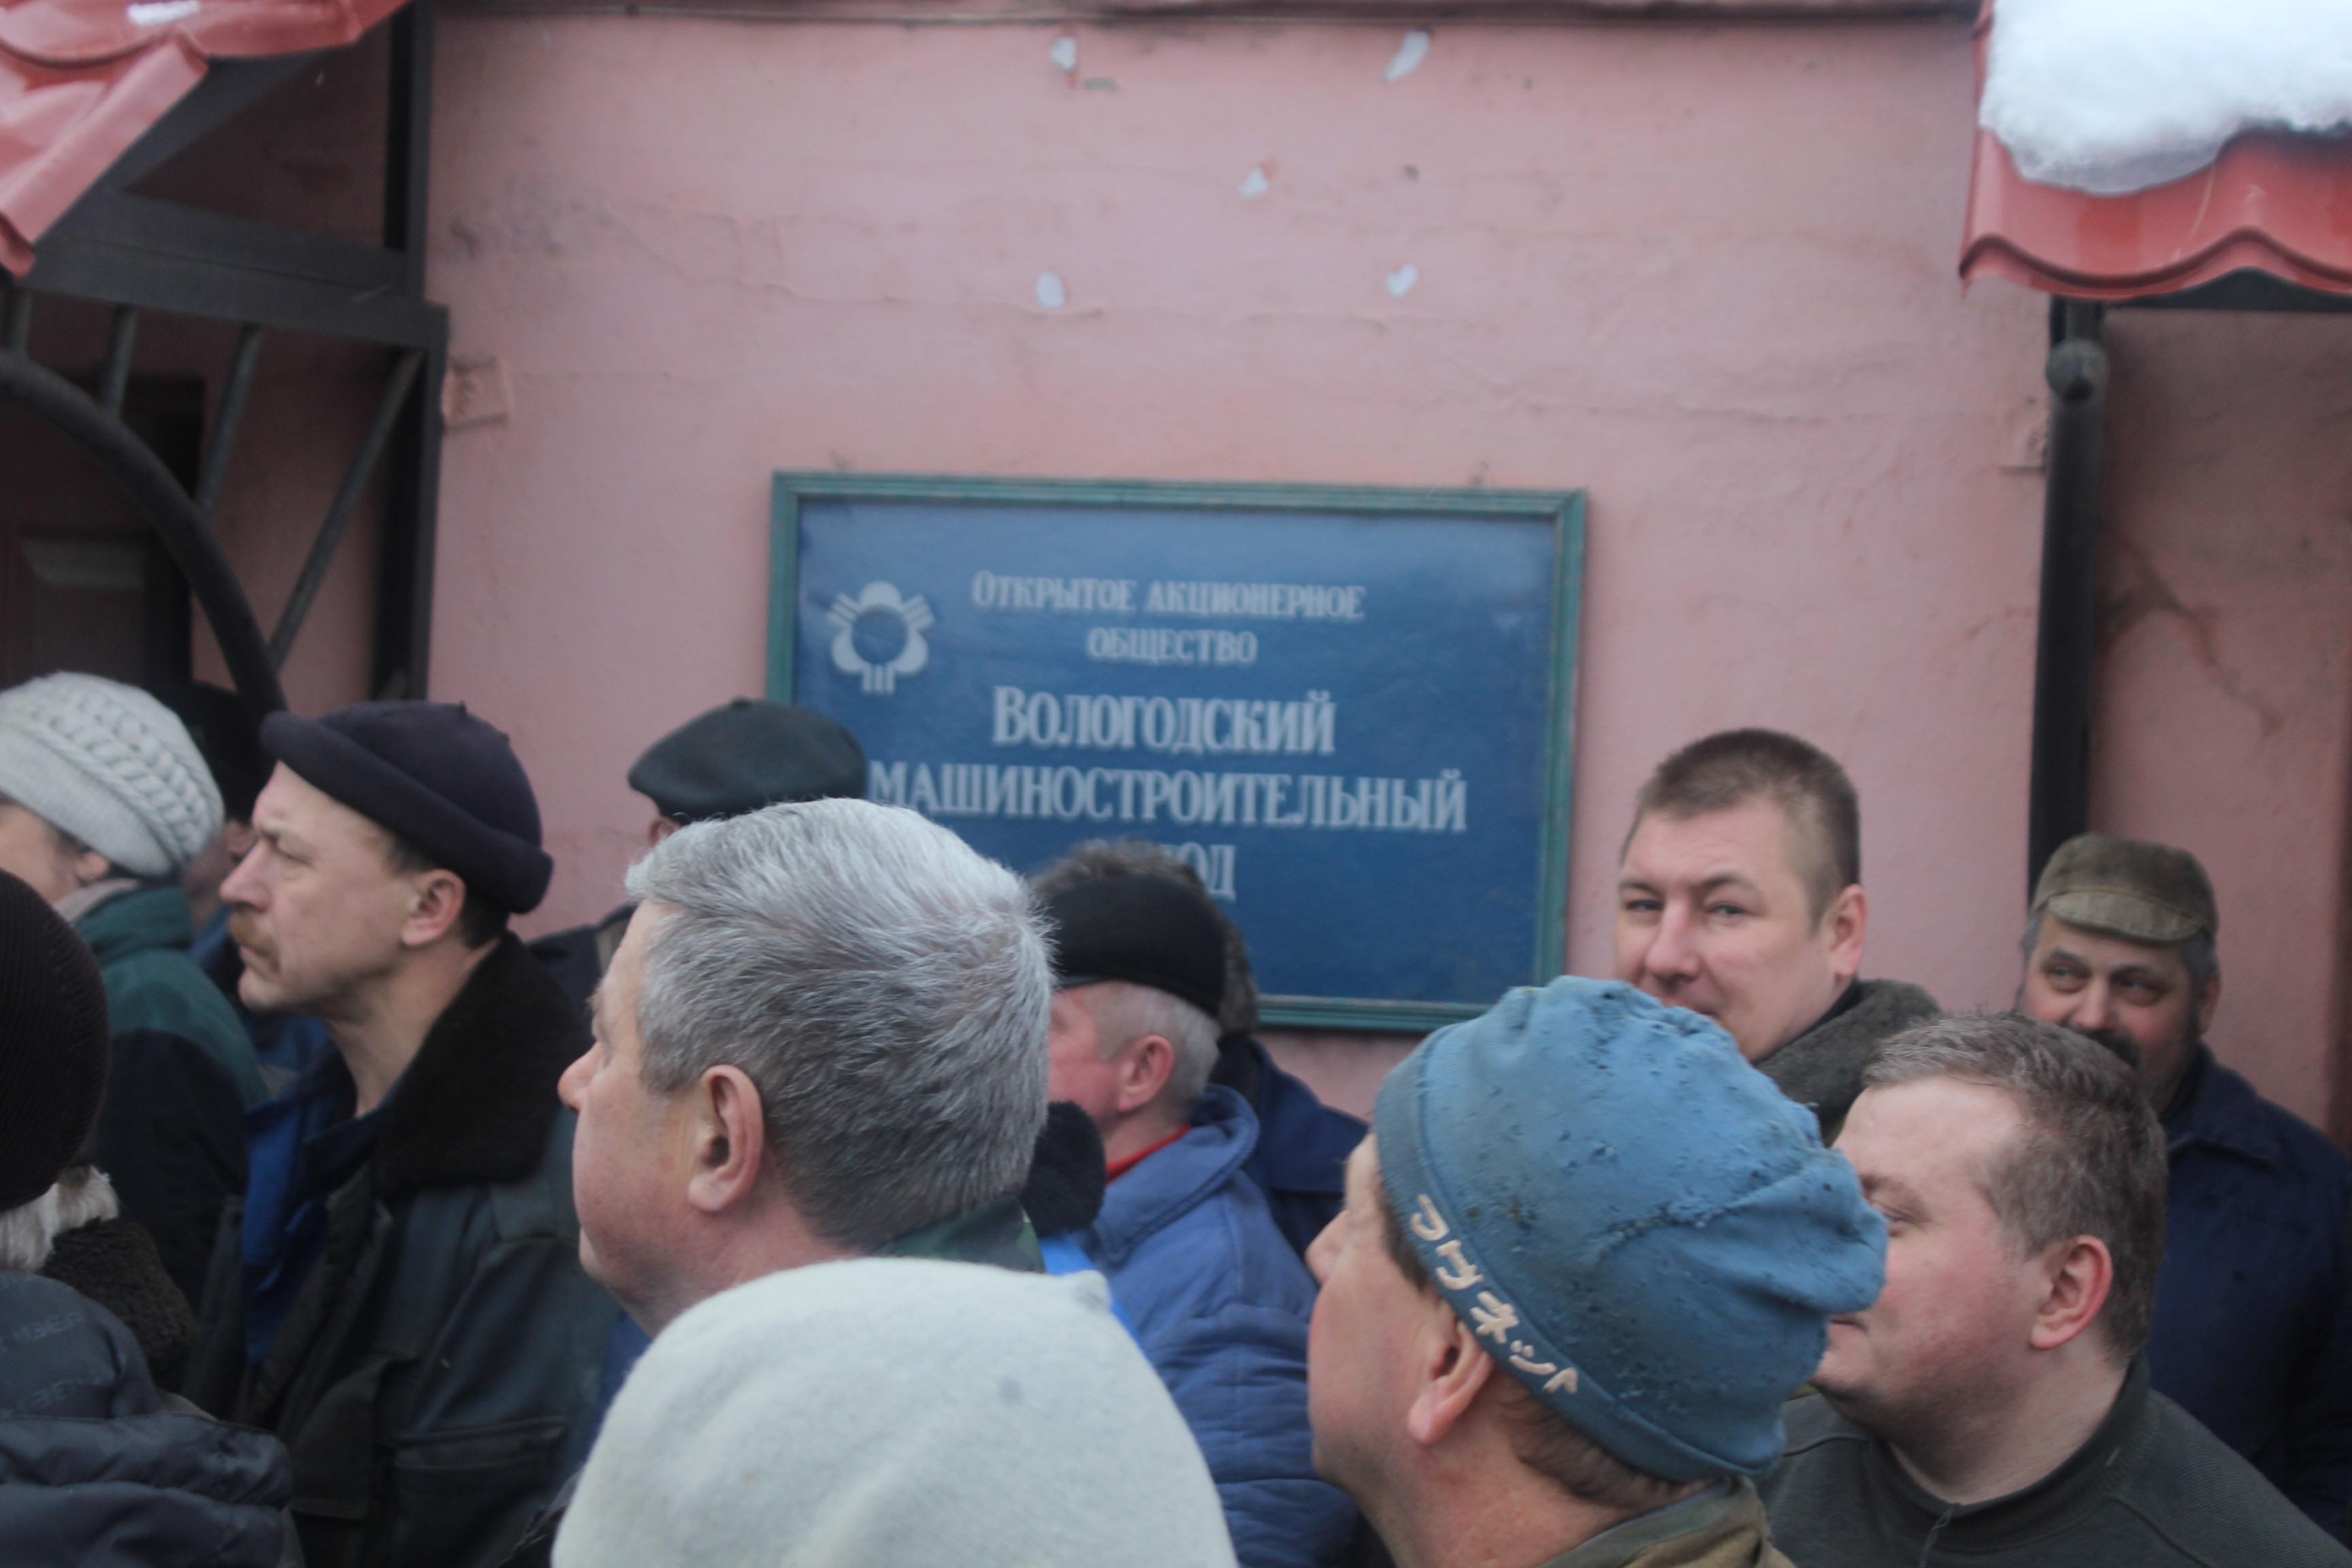 Гендиректор Вологодского машзавода пойдет под суд за невыплату зарплаты 13 работникам